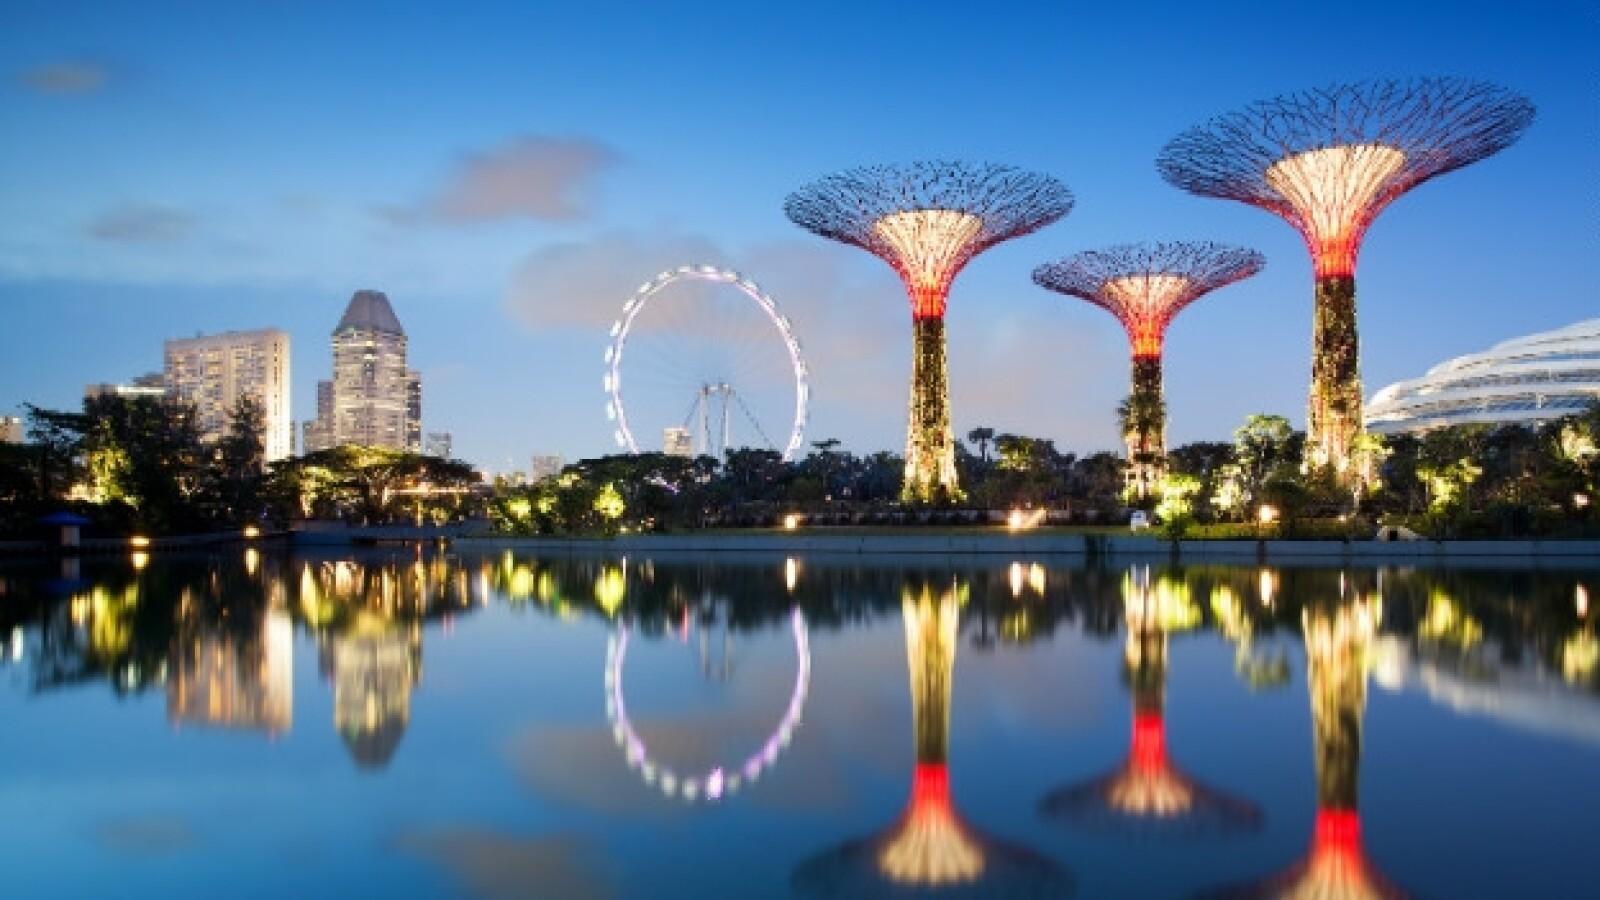 singapur super arboles